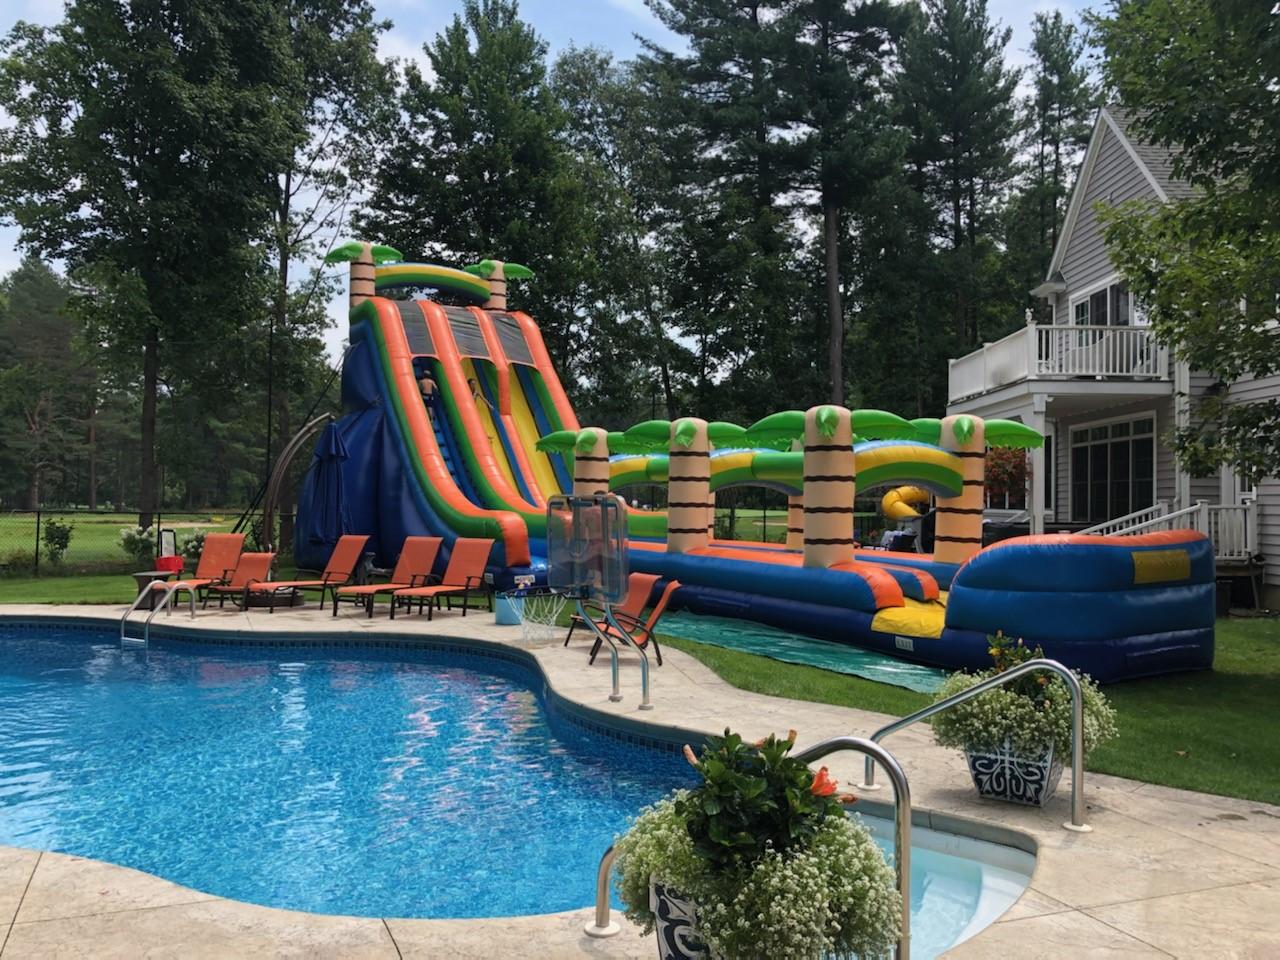 27 foot water slide with slip n slide